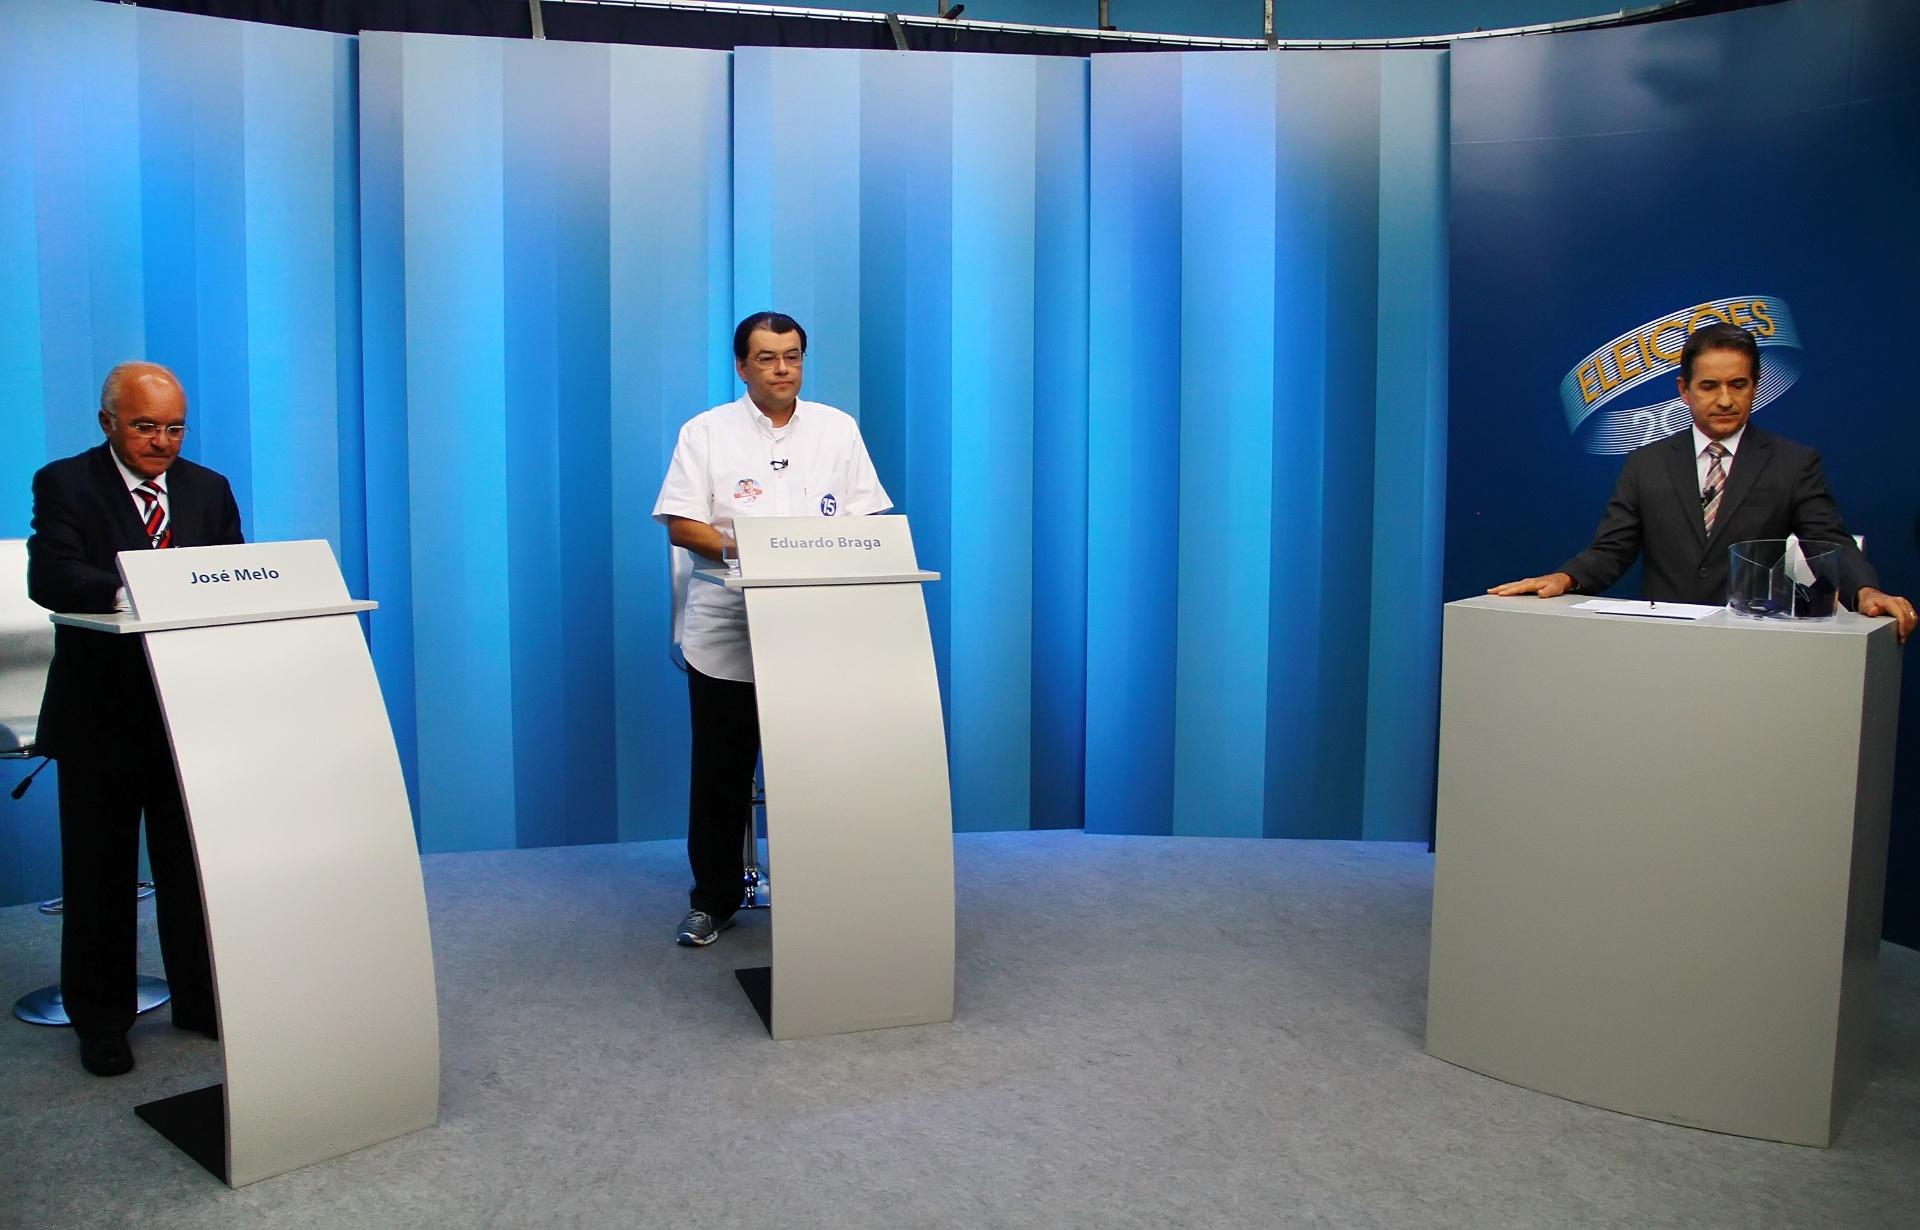 23.out.2014 - O governador do Amazonas e candidato à reeleição, José Melo (Pros, à esquerda), debate com o candidato Eduardo Braga (PMDB), em Manaus